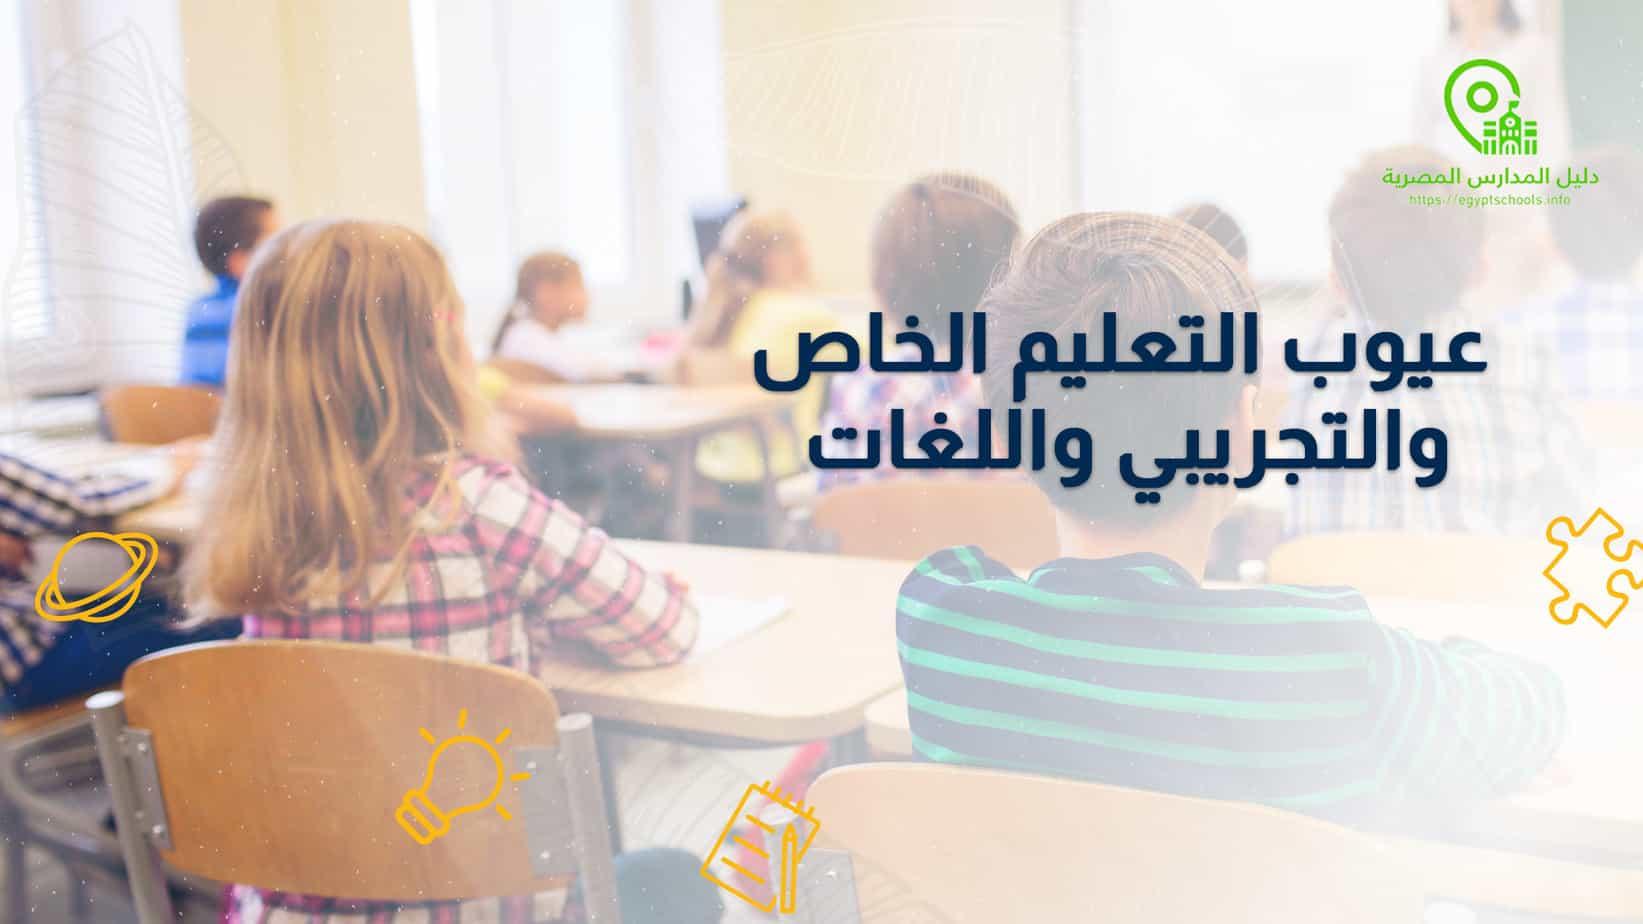 عيوب التعليم الخاص والتجريبي واللغات